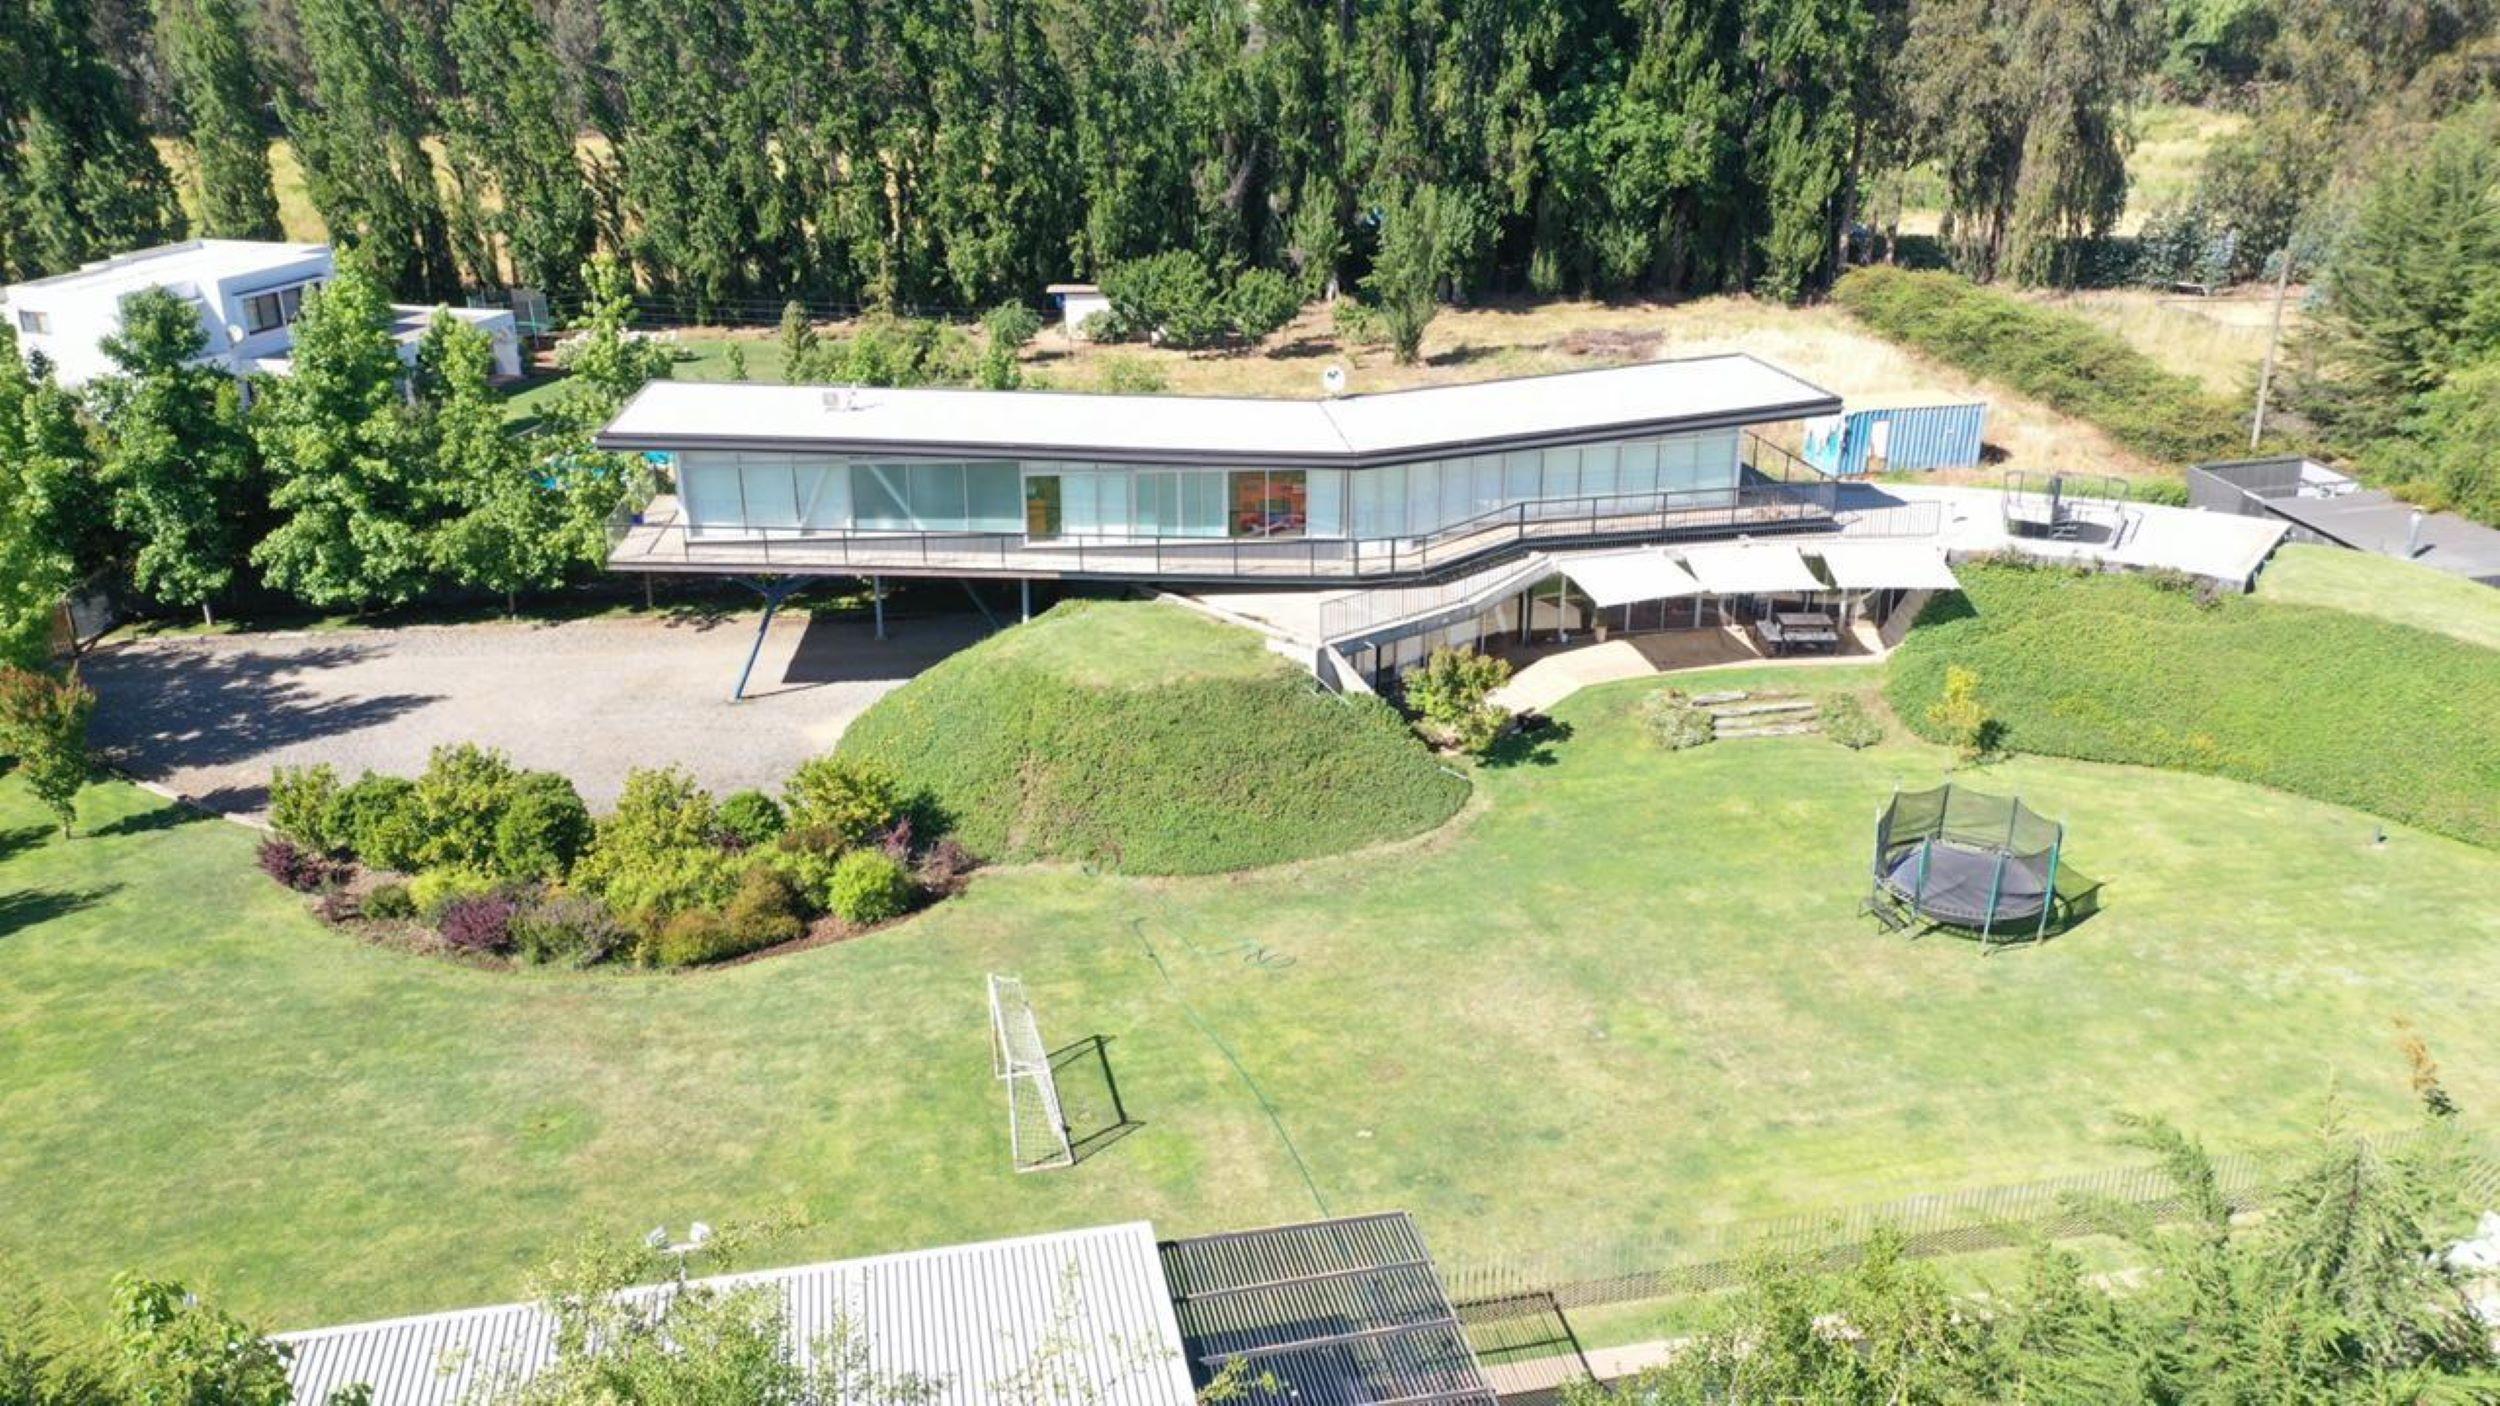 Vendo amplia  y hermosa  casa de 400m2  en terreno de 5000m2